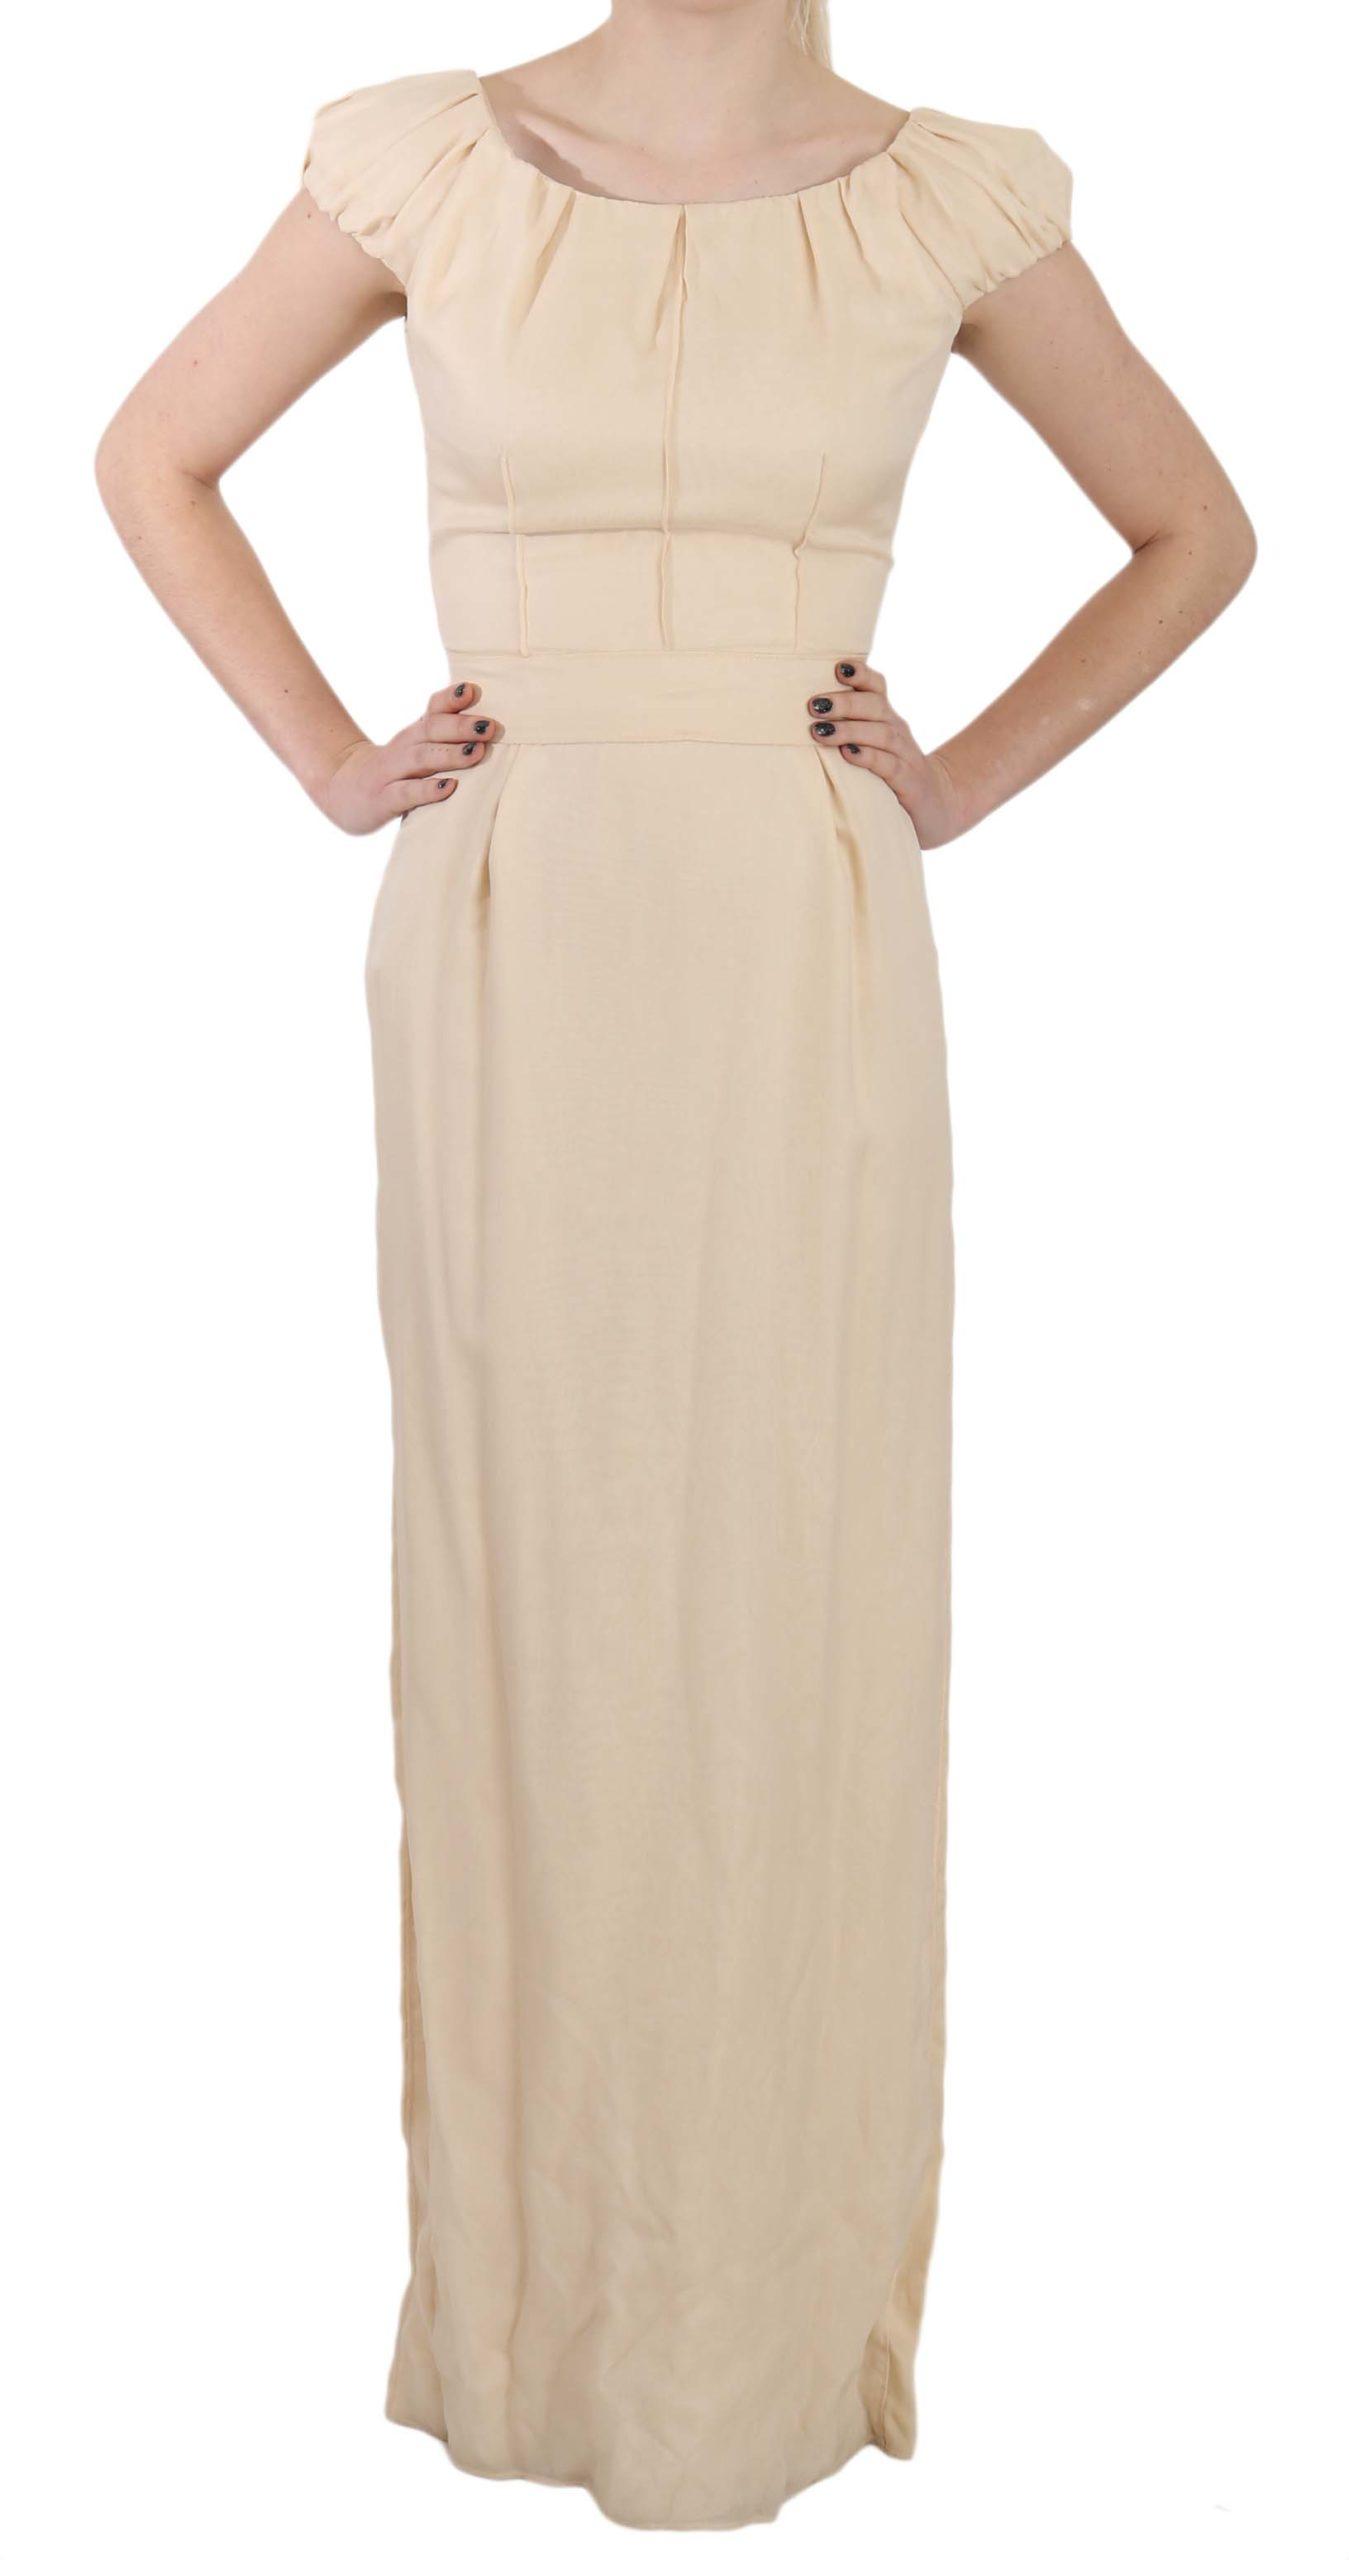 Dolce & Gabbana Women's Silk Column Cap Sleeve Dress Beige DR1683 - IT40 S